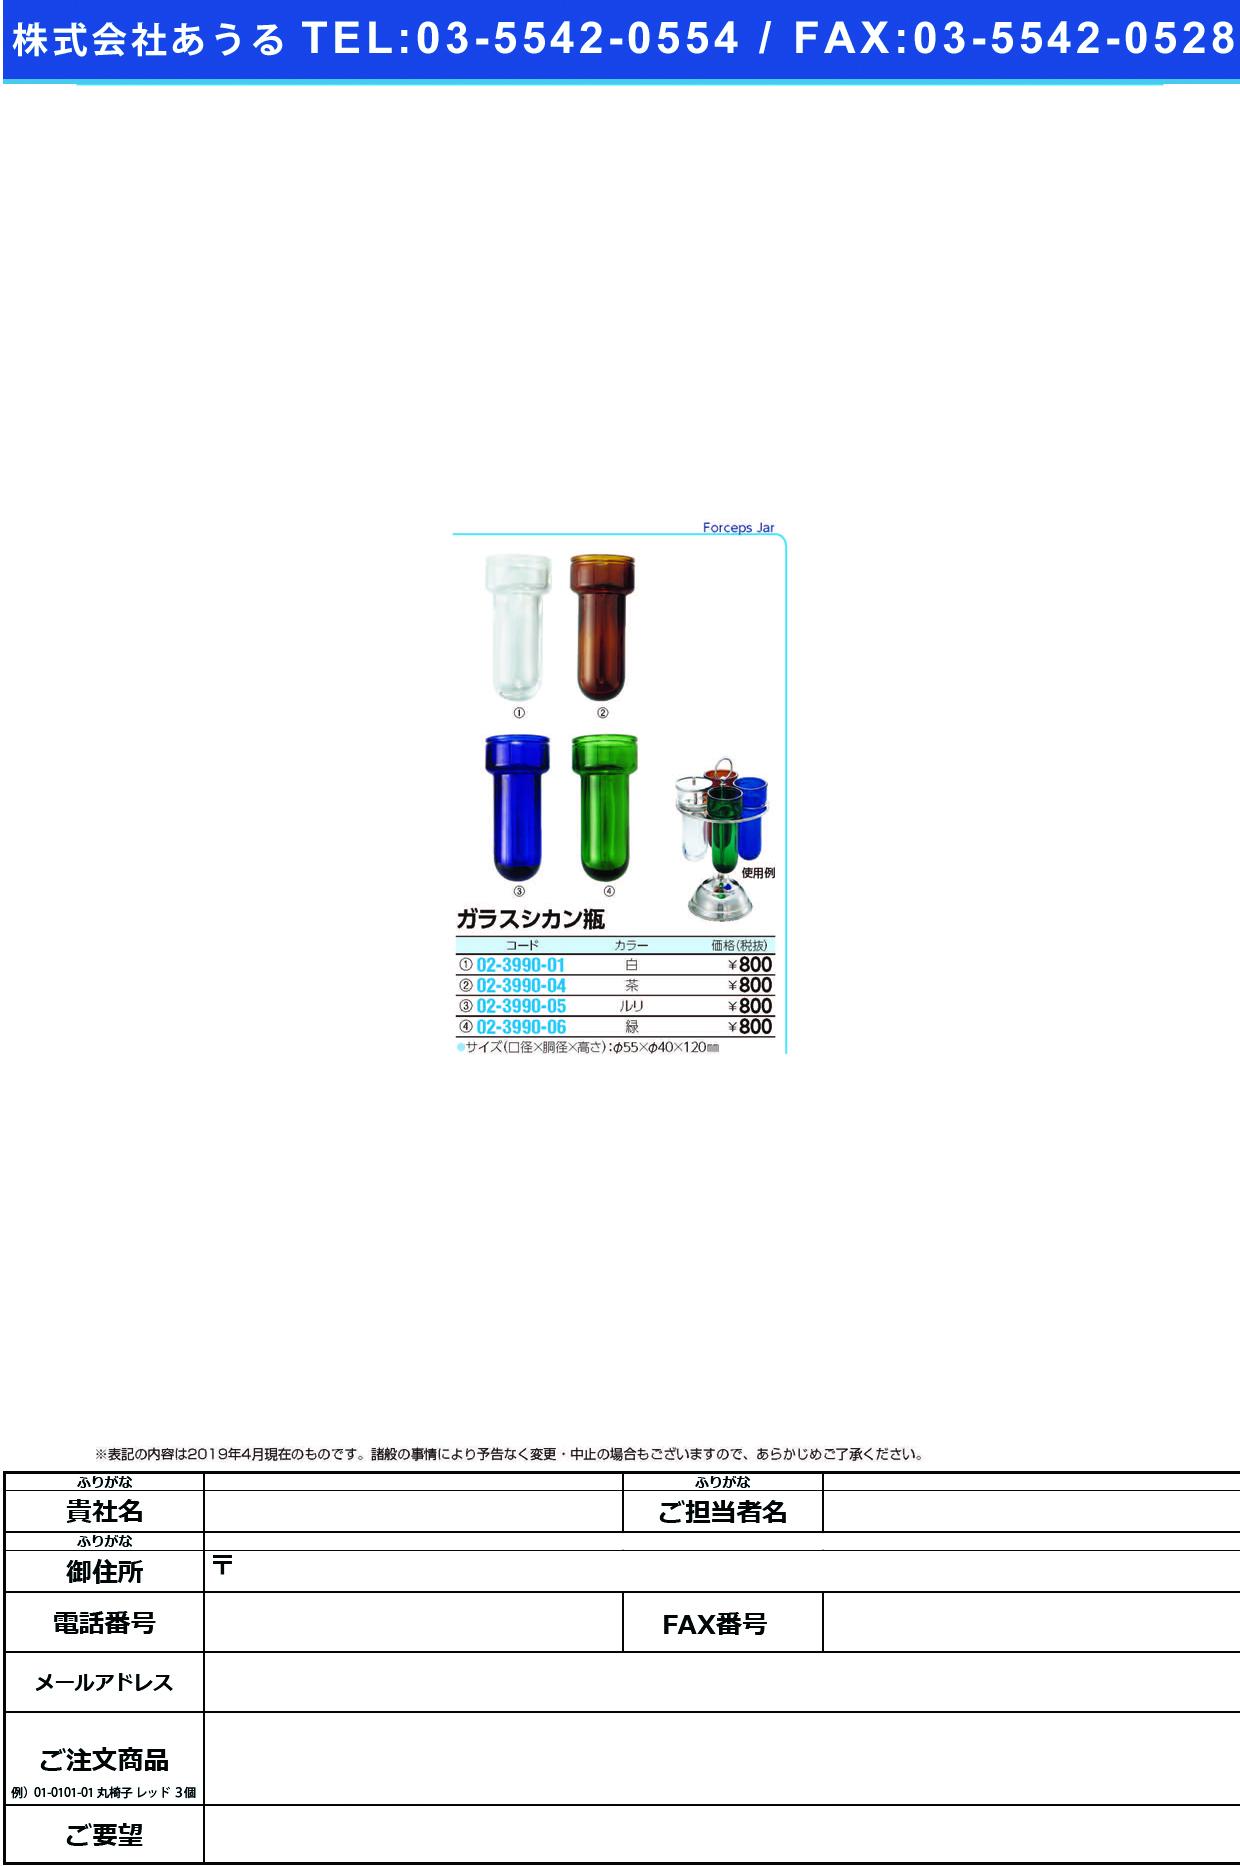 (02-3990-06)ガラスシカン瓶のみ(緑)  ガラスシカンビンノミ(ミドリ)【1個単位】【2019年カタログ商品】